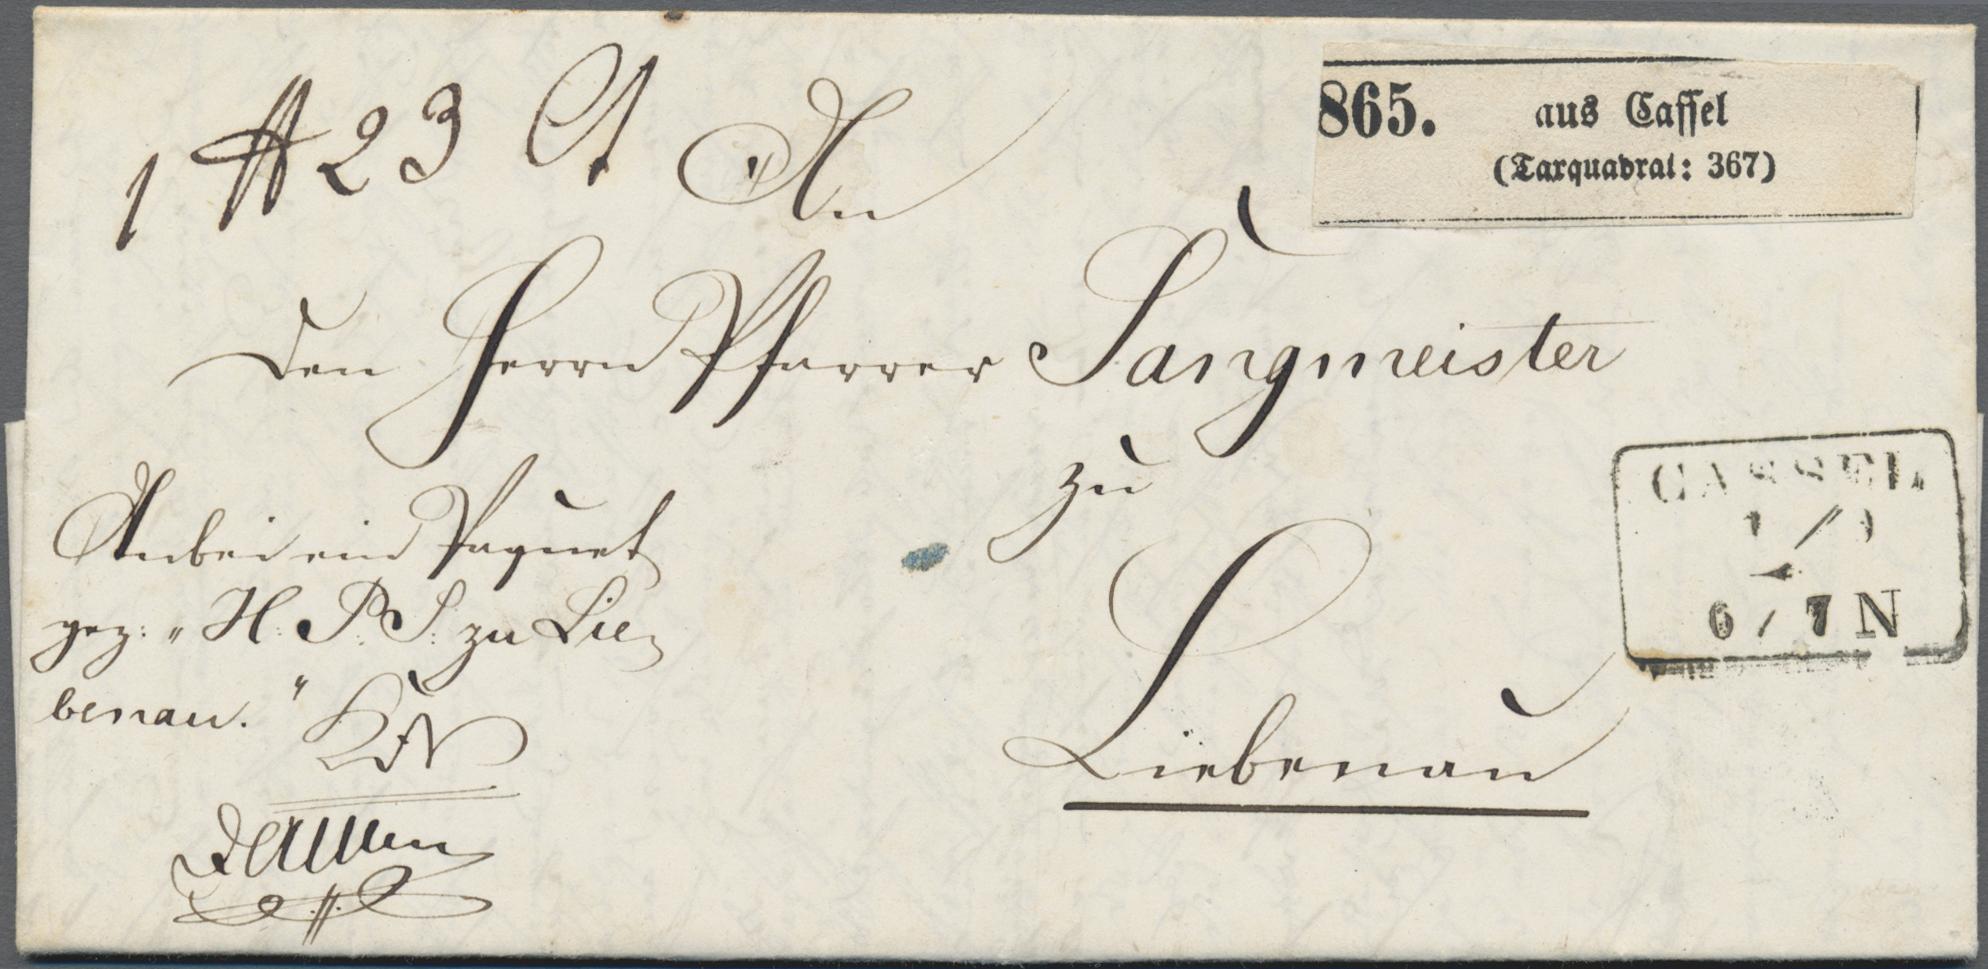 Lot 36127 - altdeutschland und deutsches reich  -  Auktionshaus Christoph Gärtner GmbH & Co. KG Sale #44 Collections Germany